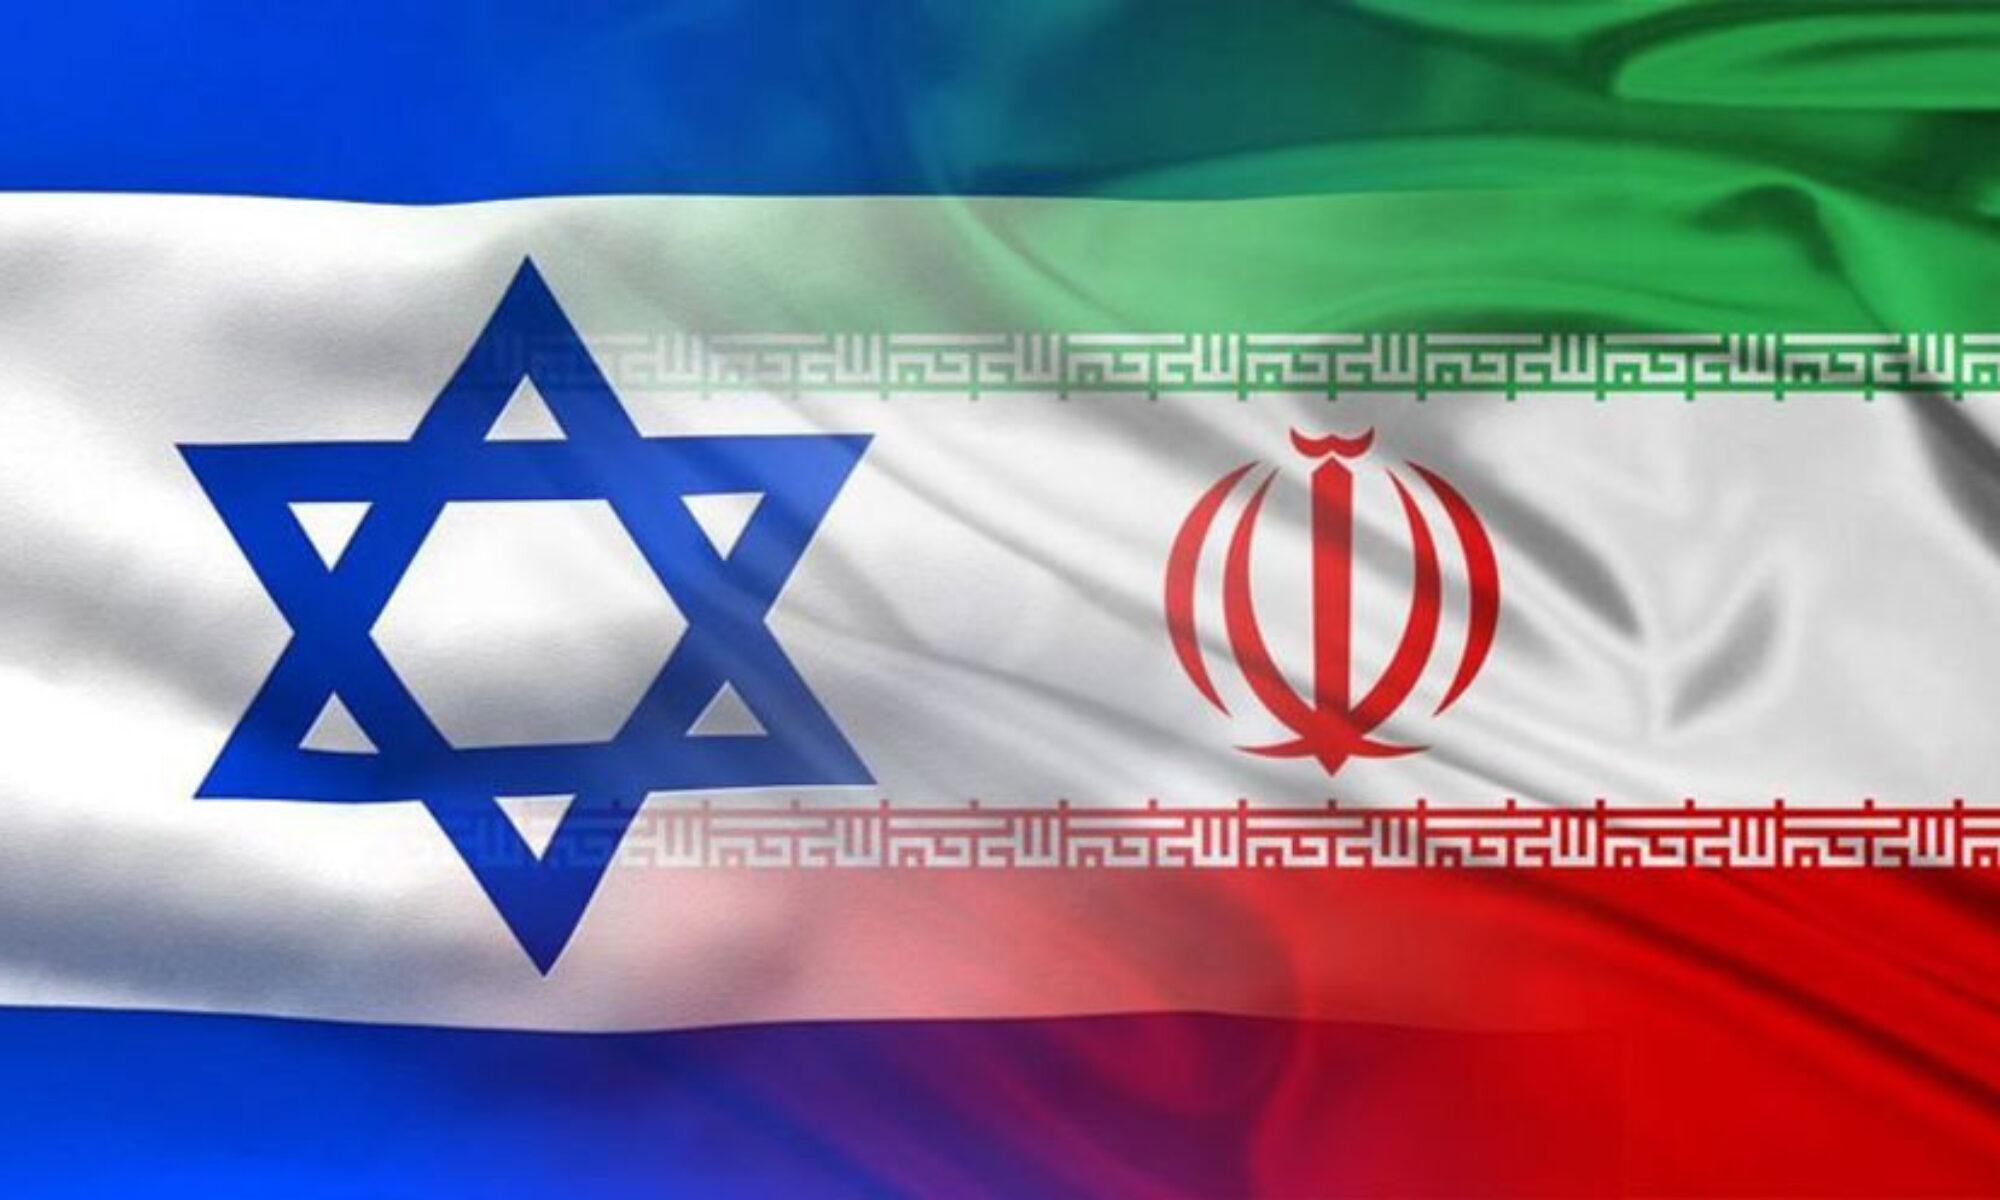 ئیسرائیل ل دژی ئیرانێ ھەڤپەیمانیەکا لەشکەری ئاڤا دکەت